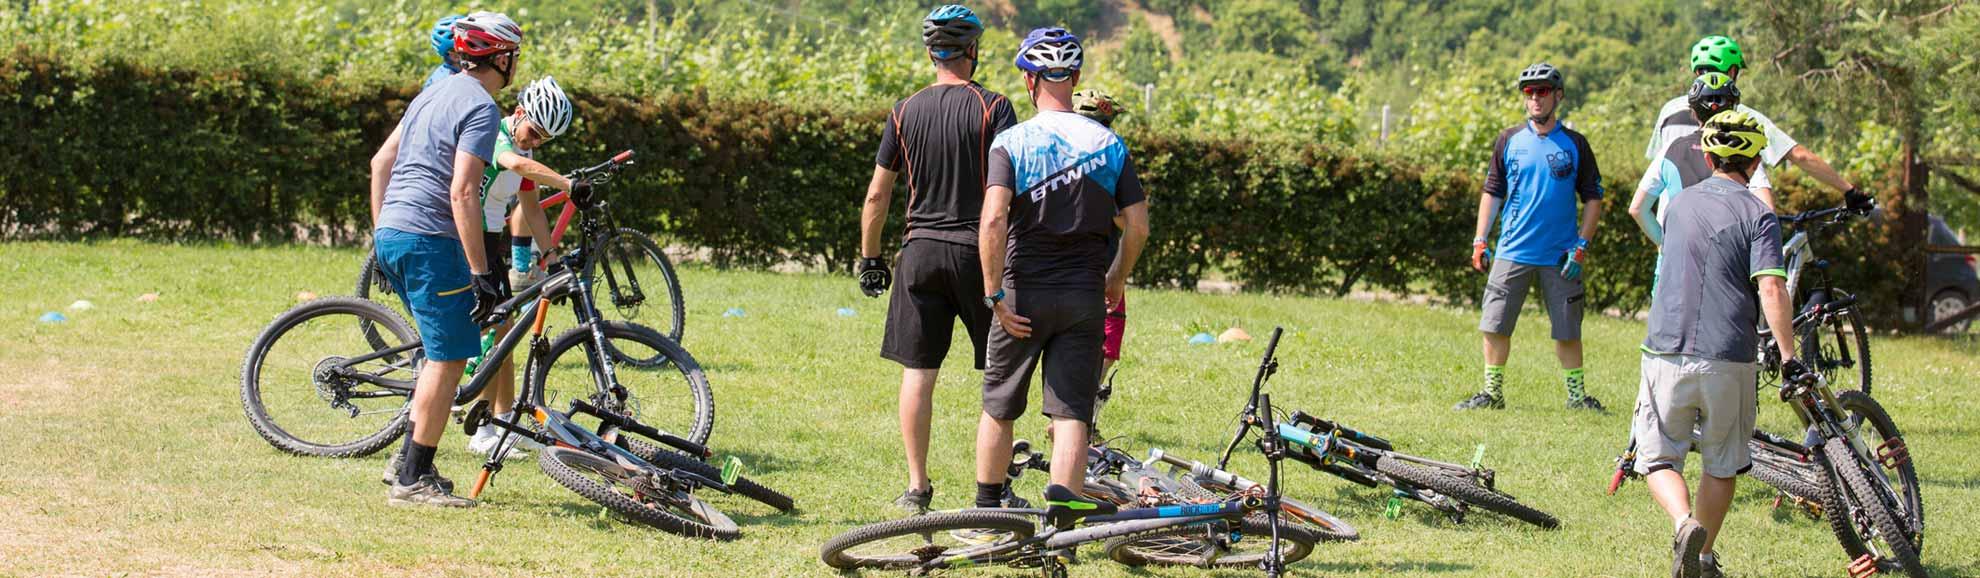 Mtb percorsi bike Langhe Roero